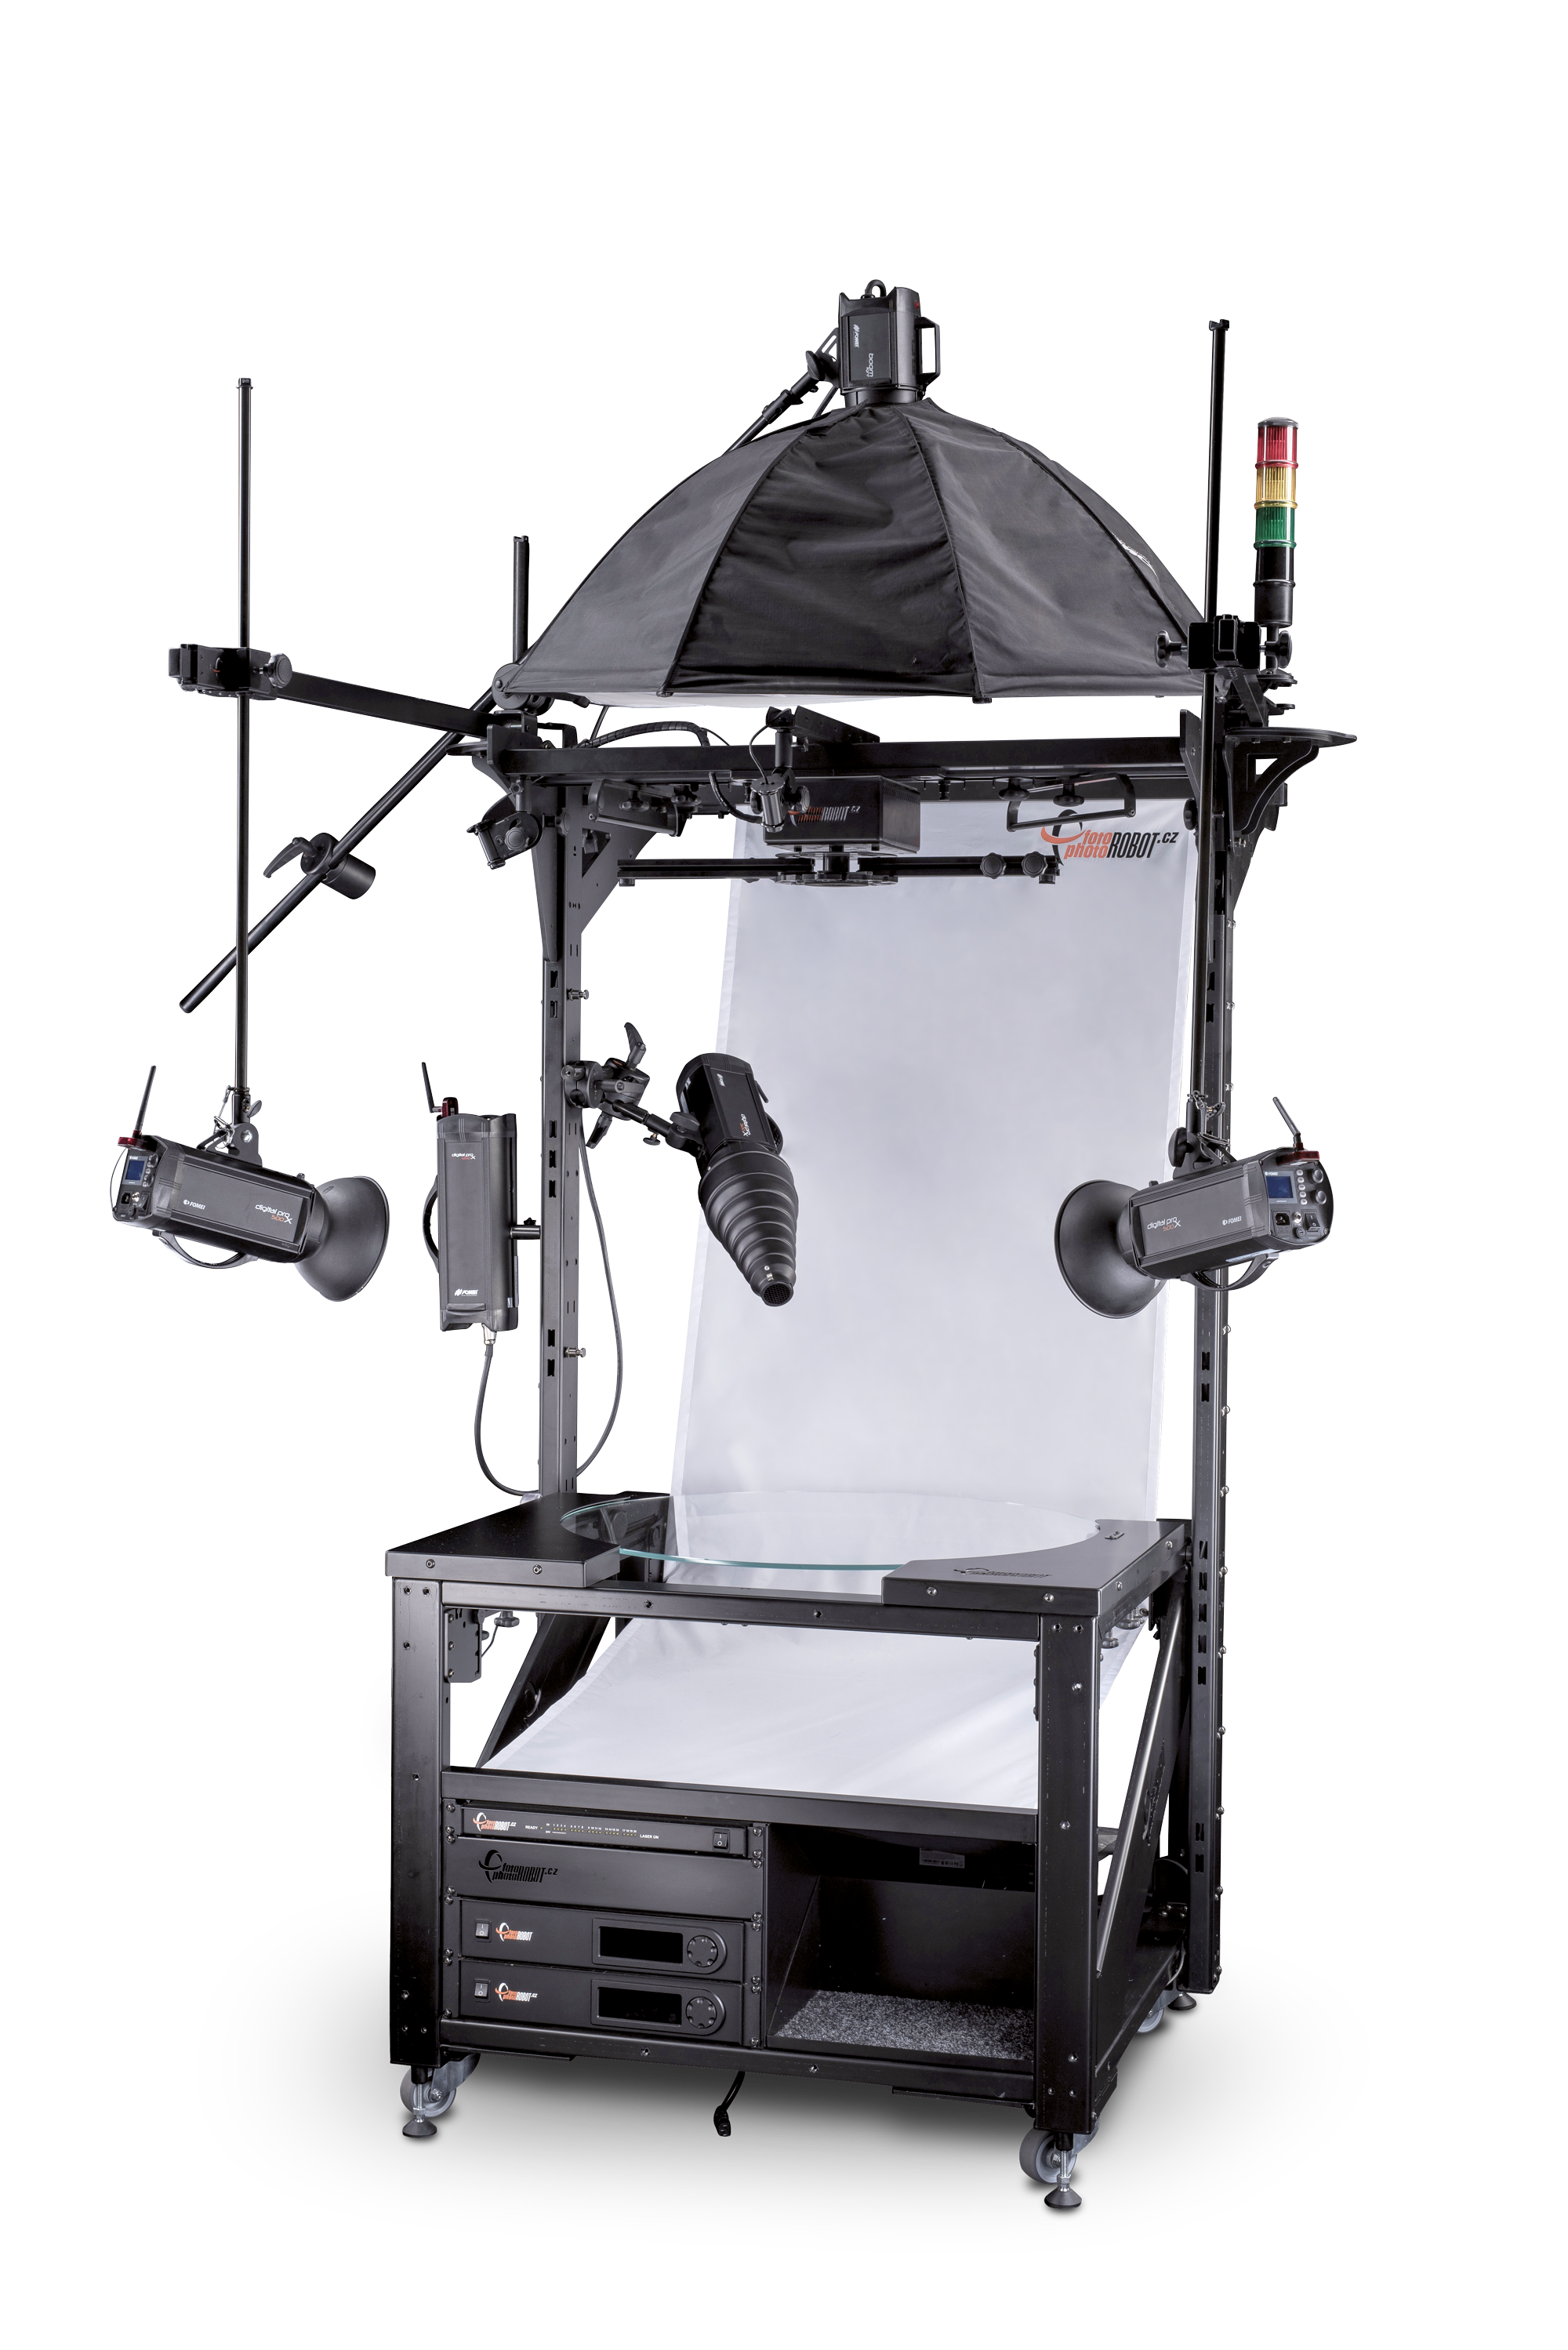 PhotoRobot glasbord med bakgrunds- och studiolampor